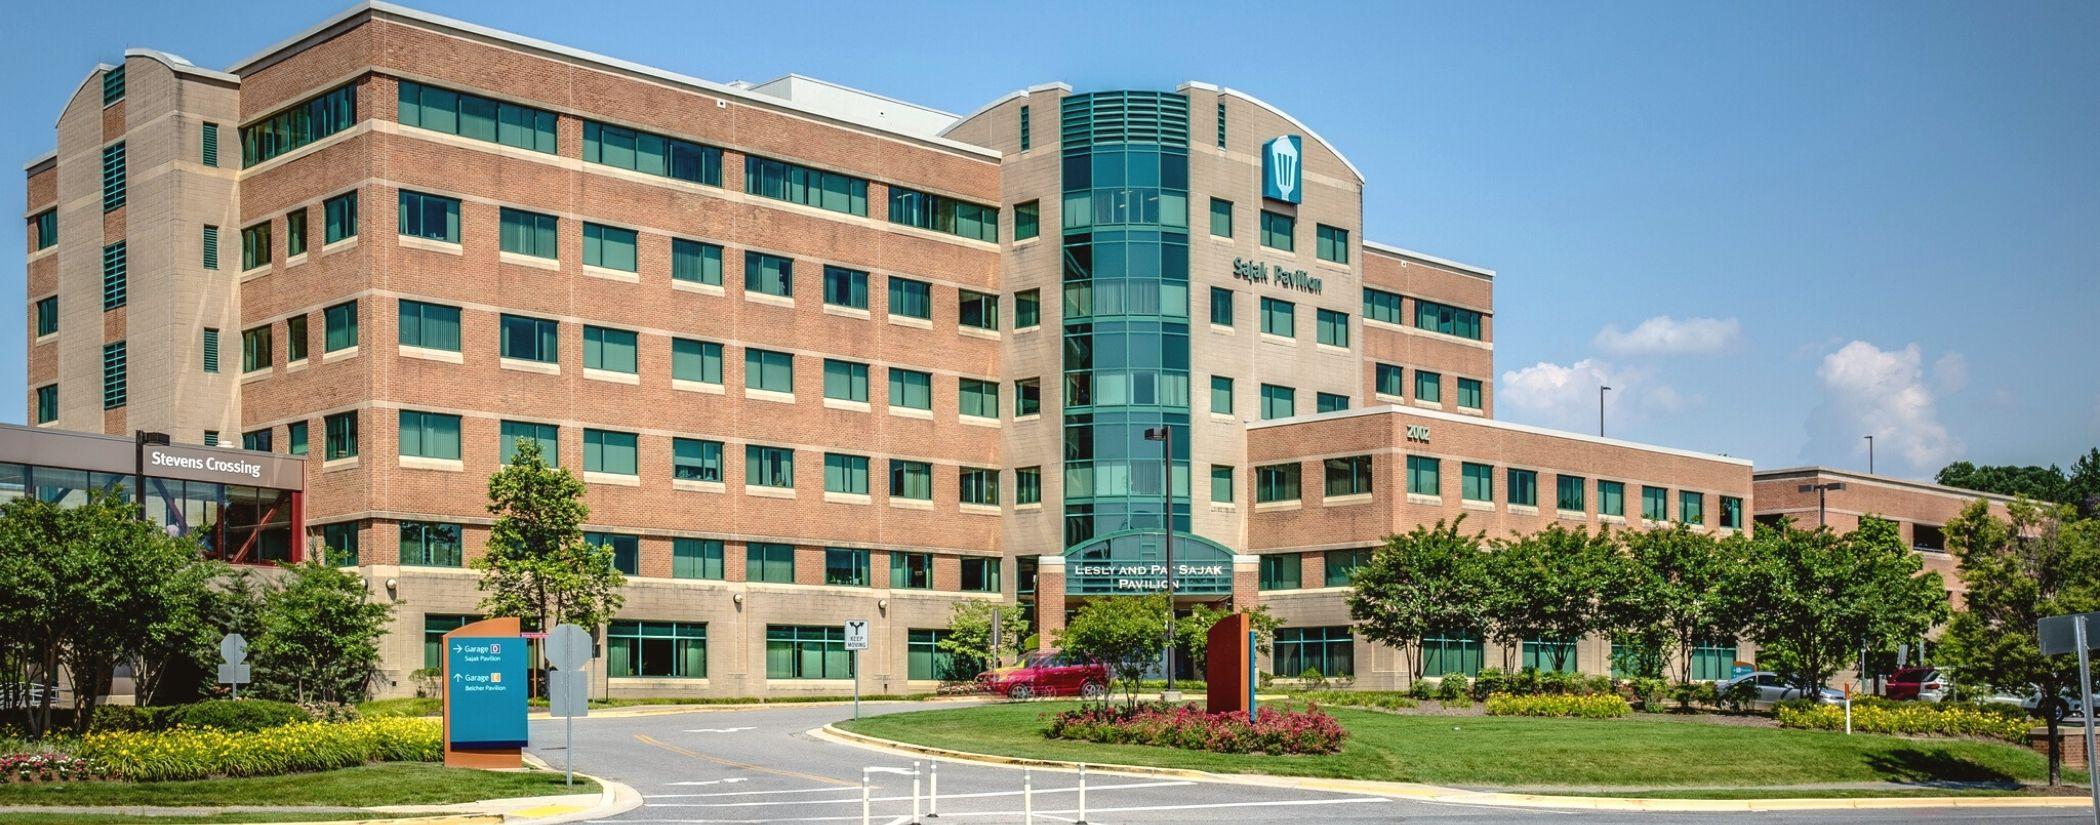 anne arundel hospital complete landscaping